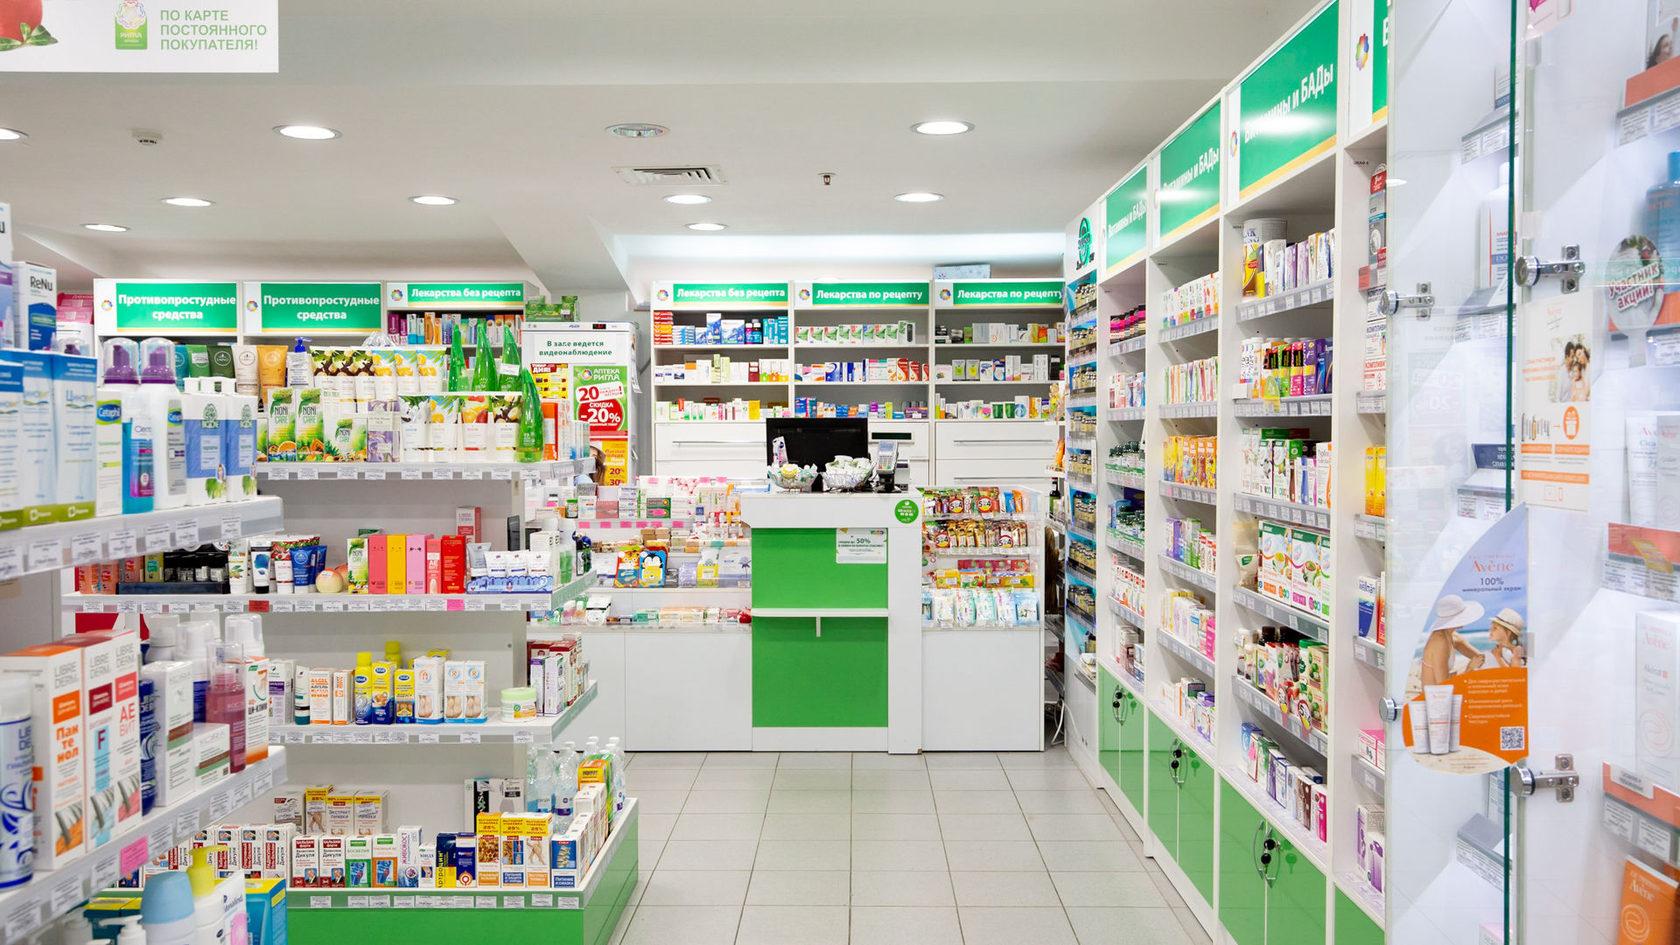 Аптека Ригла Интернет Магазин